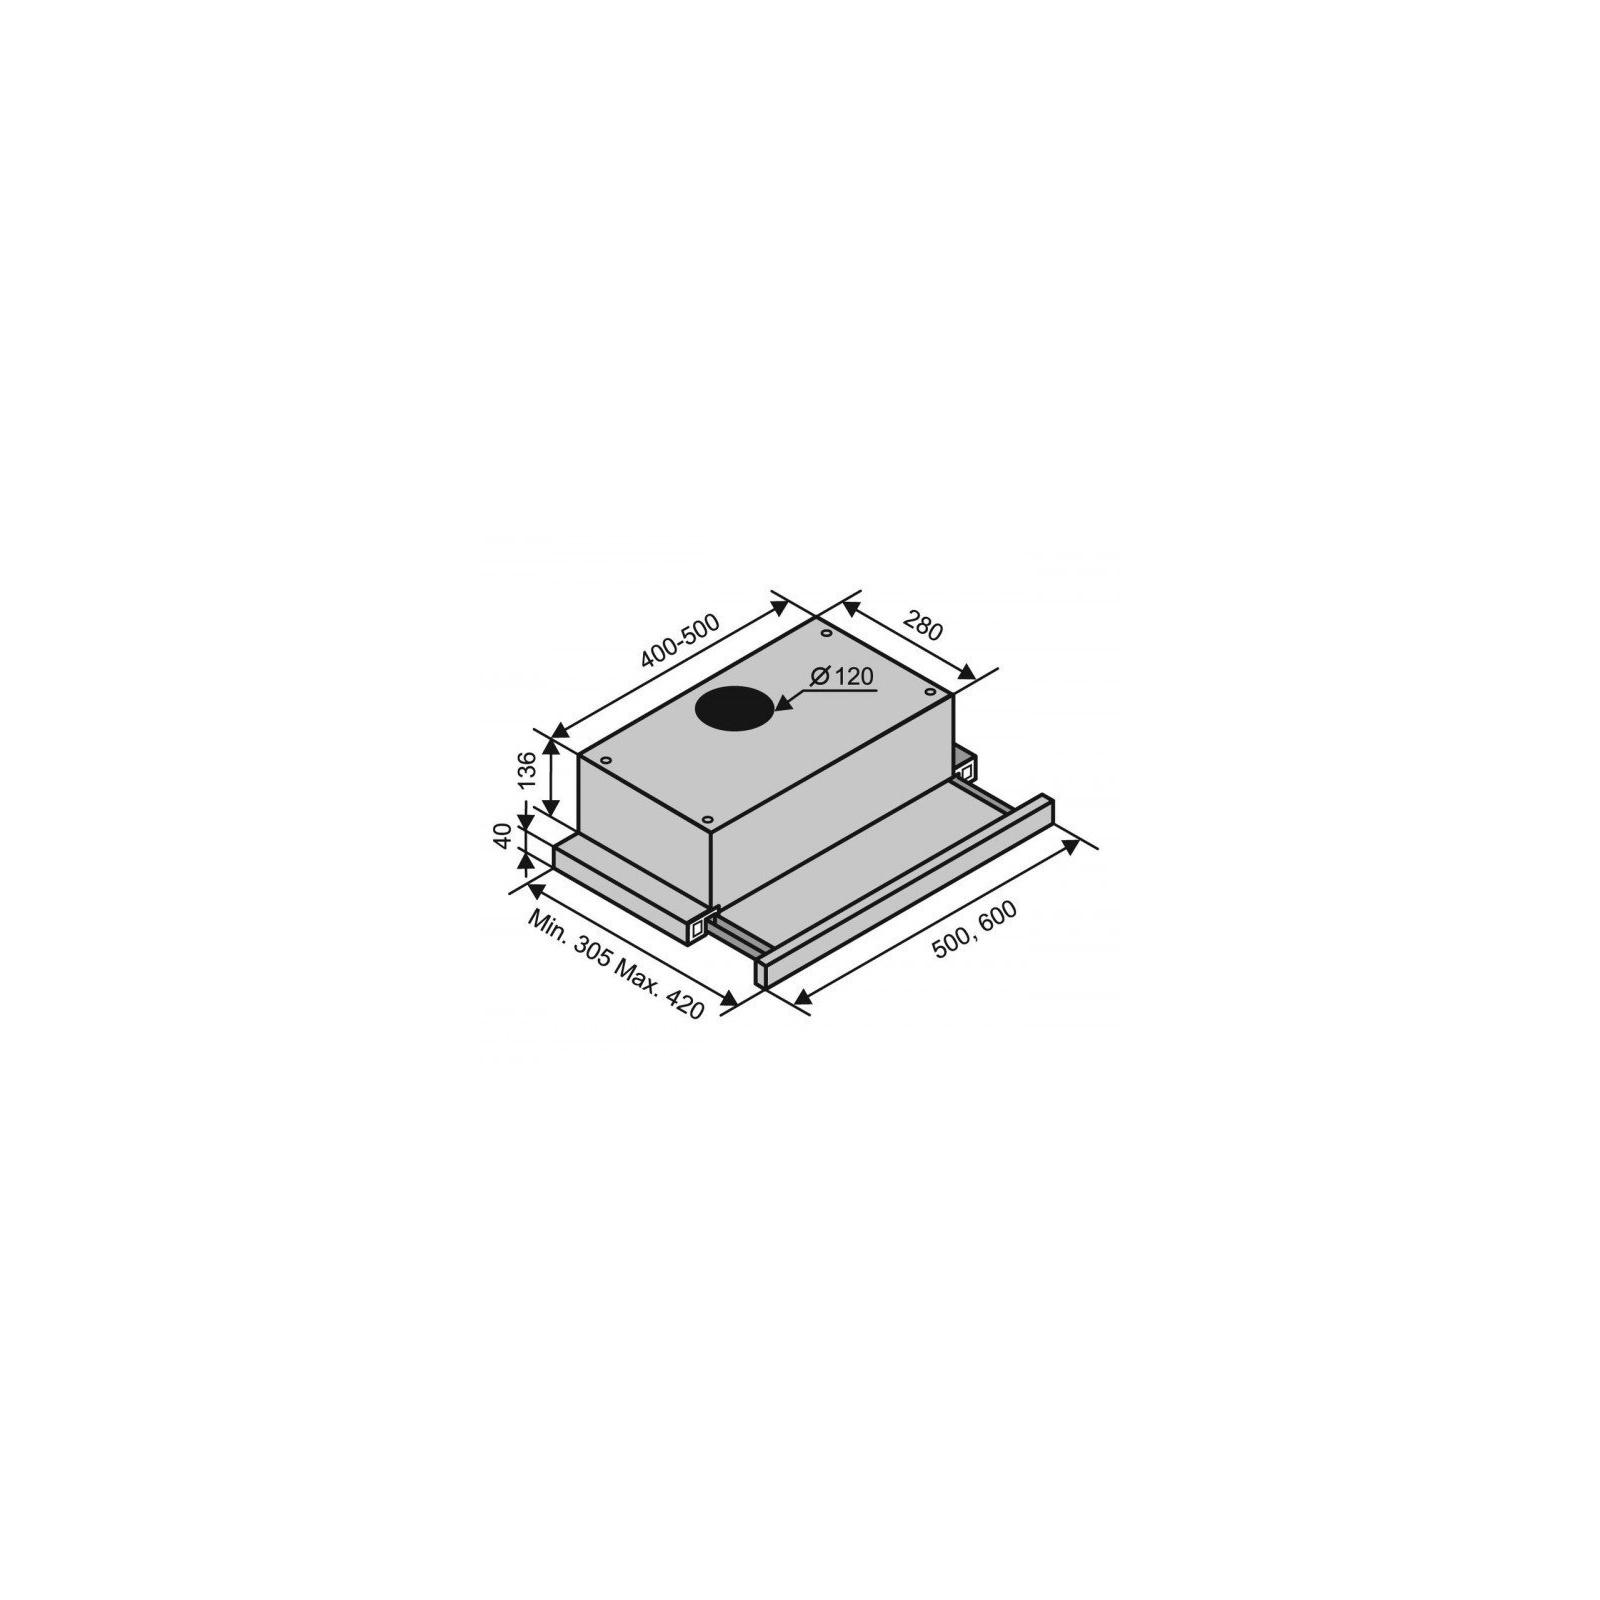 Вытяжка кухонная Ventolux GARDA 50 WH (700) SLIM изображение 6